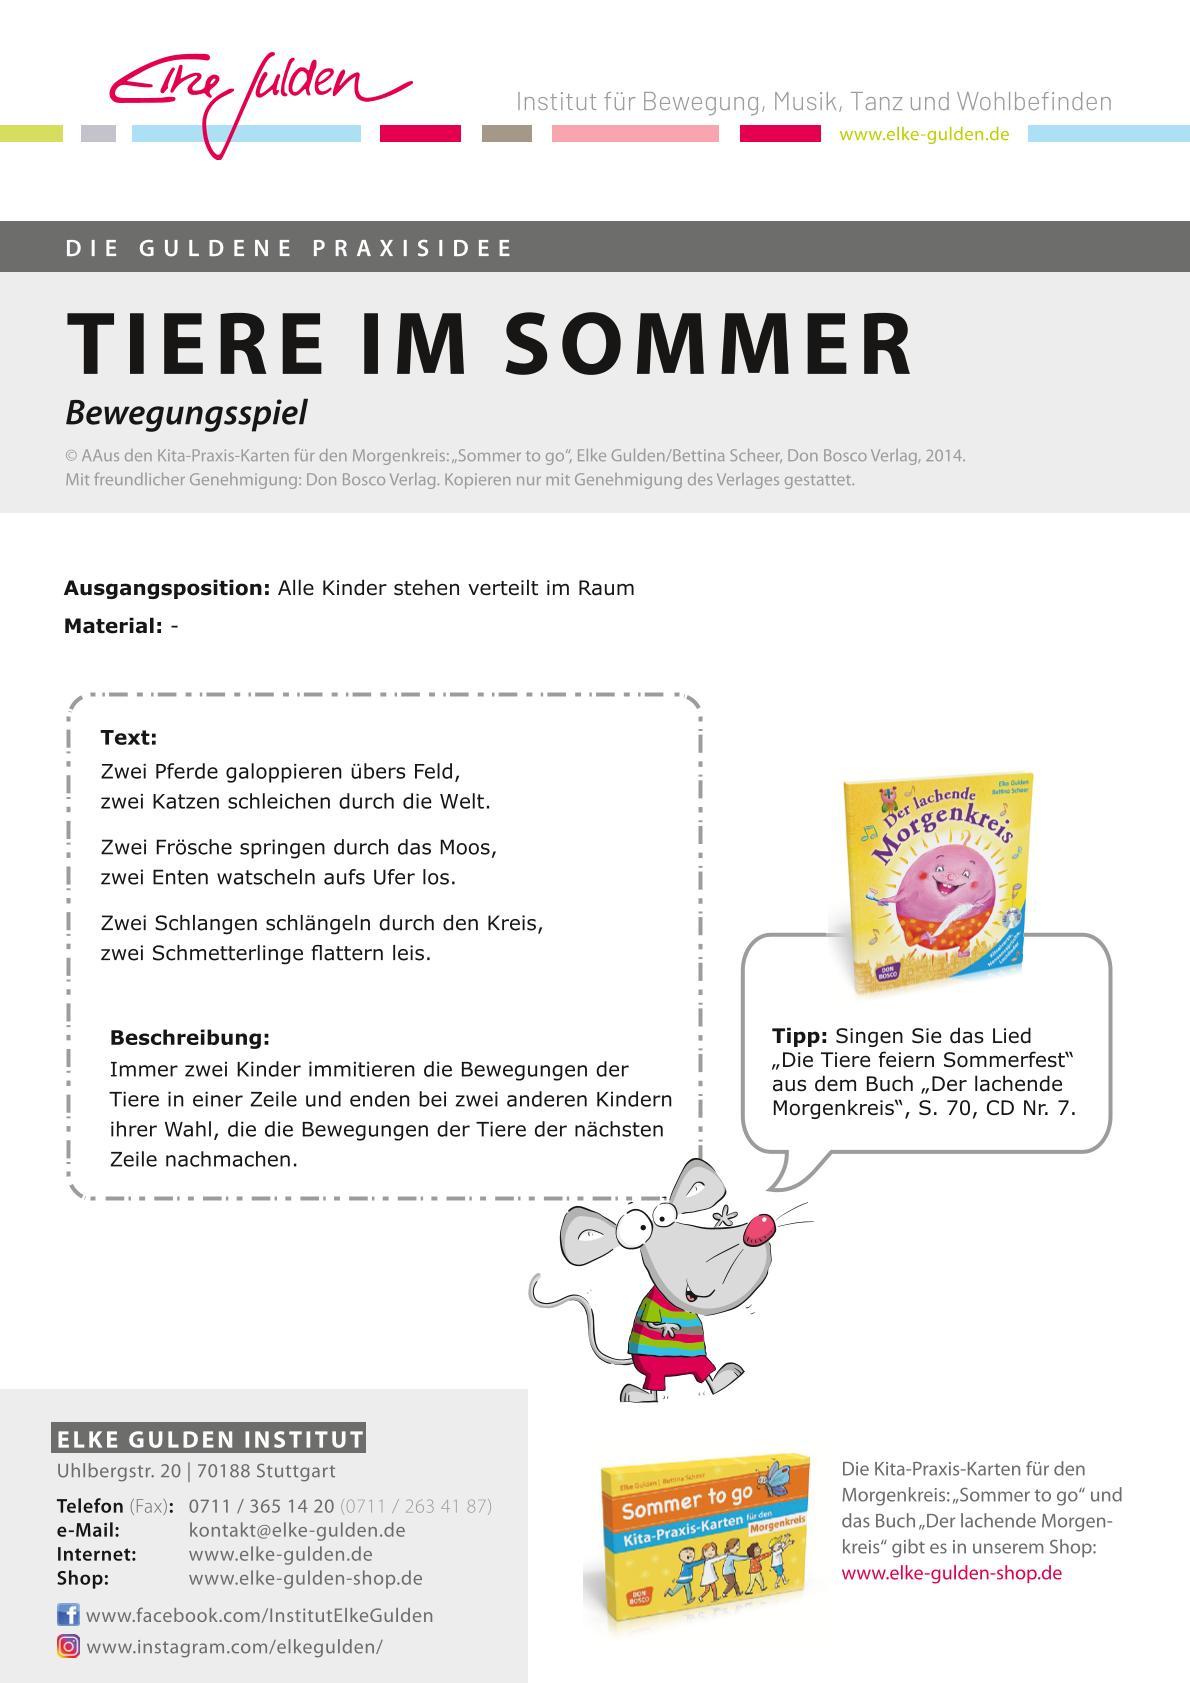 Kita-Praxis-Kartenset für den Morgenkreis: Frühling, Sommer, Herbst und Winter to go